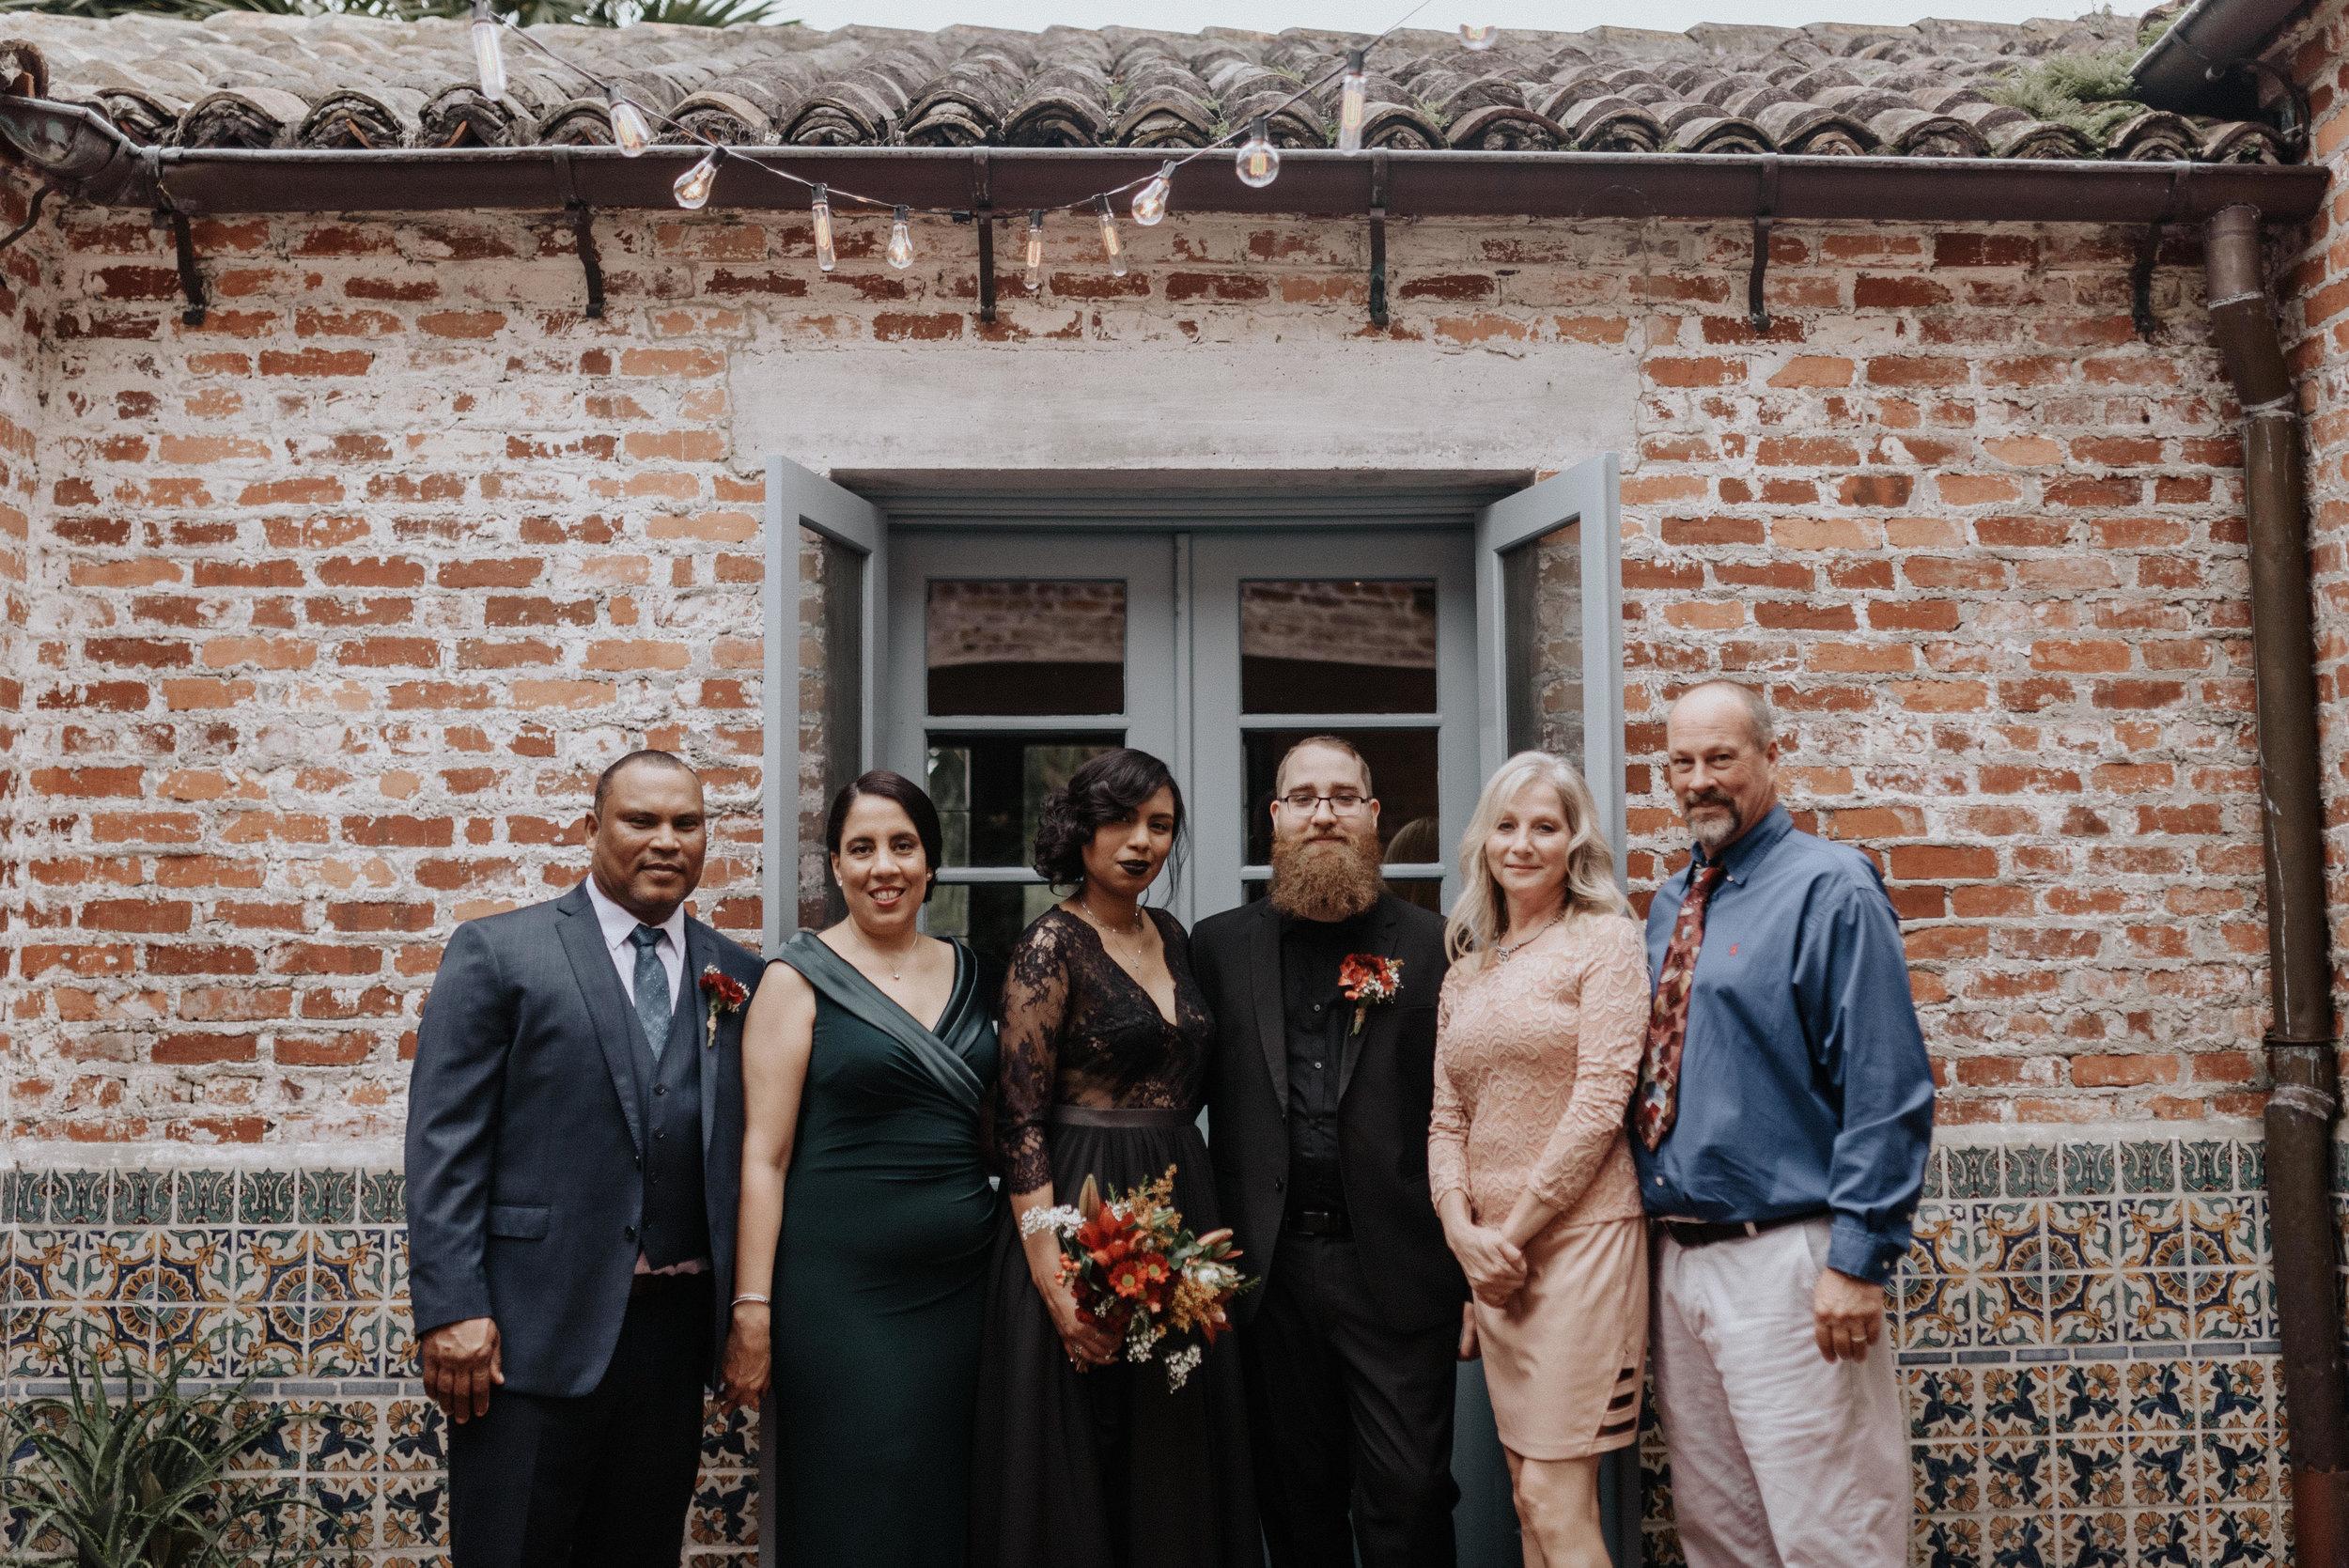 Amanda-Brad-Wedding-6501.jpg